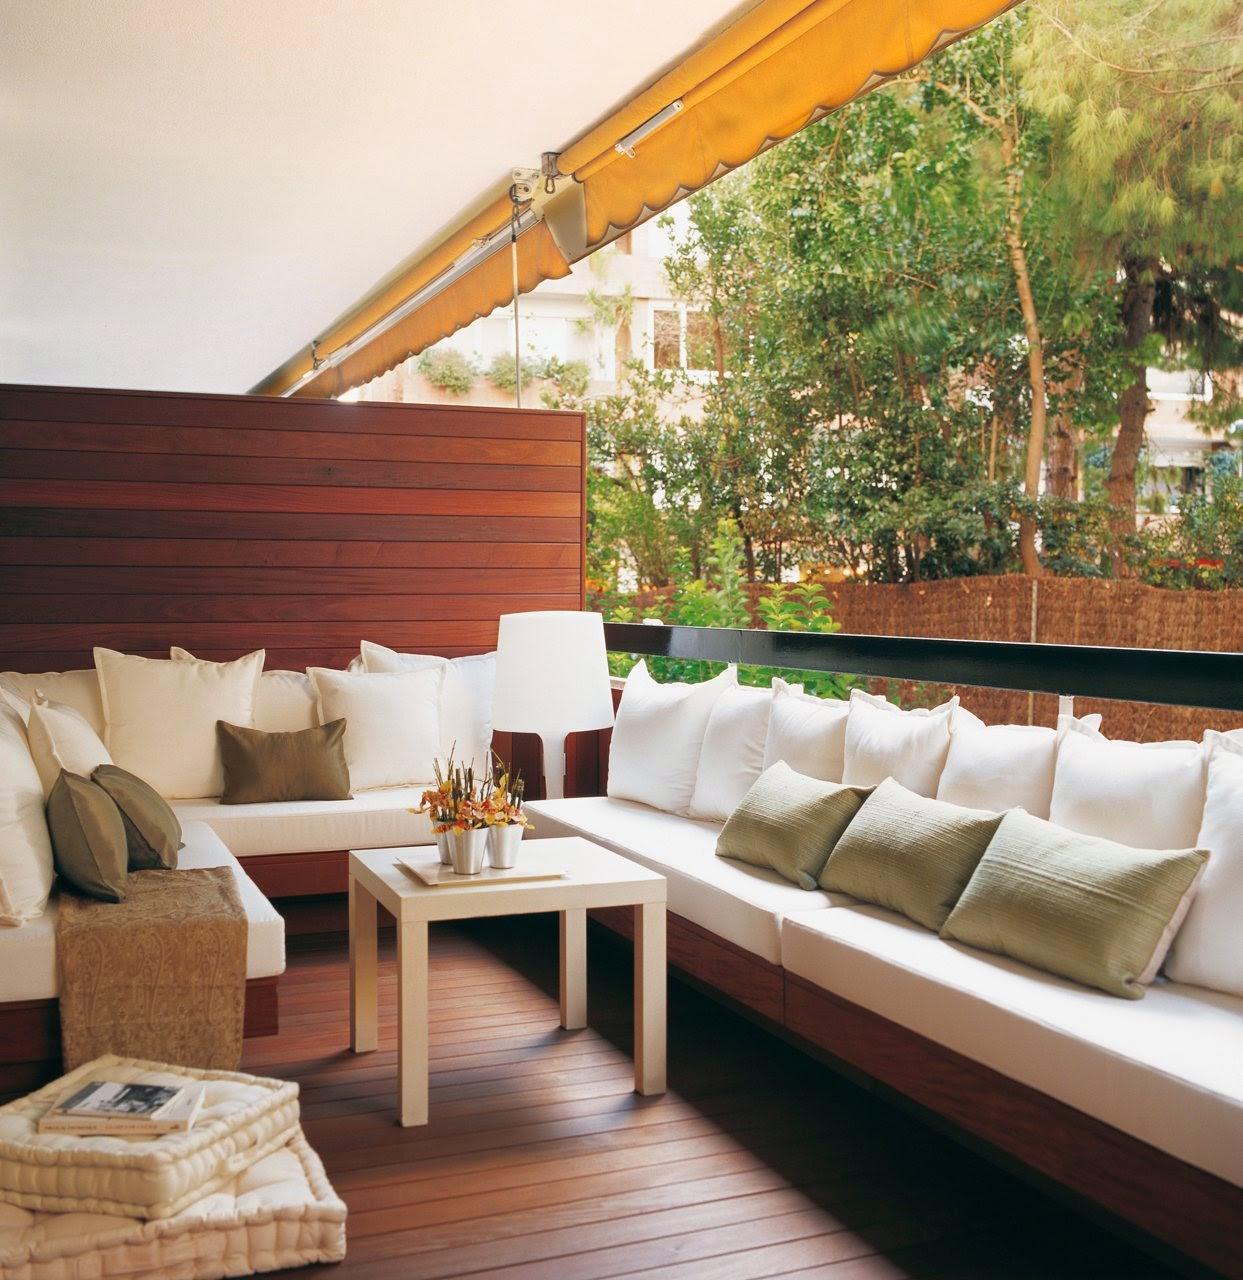 La maison 17 decoraci n interiorismo terrazas ii trucos para decorar tu peque a terraza - Decoracion terrazas pequenas ...